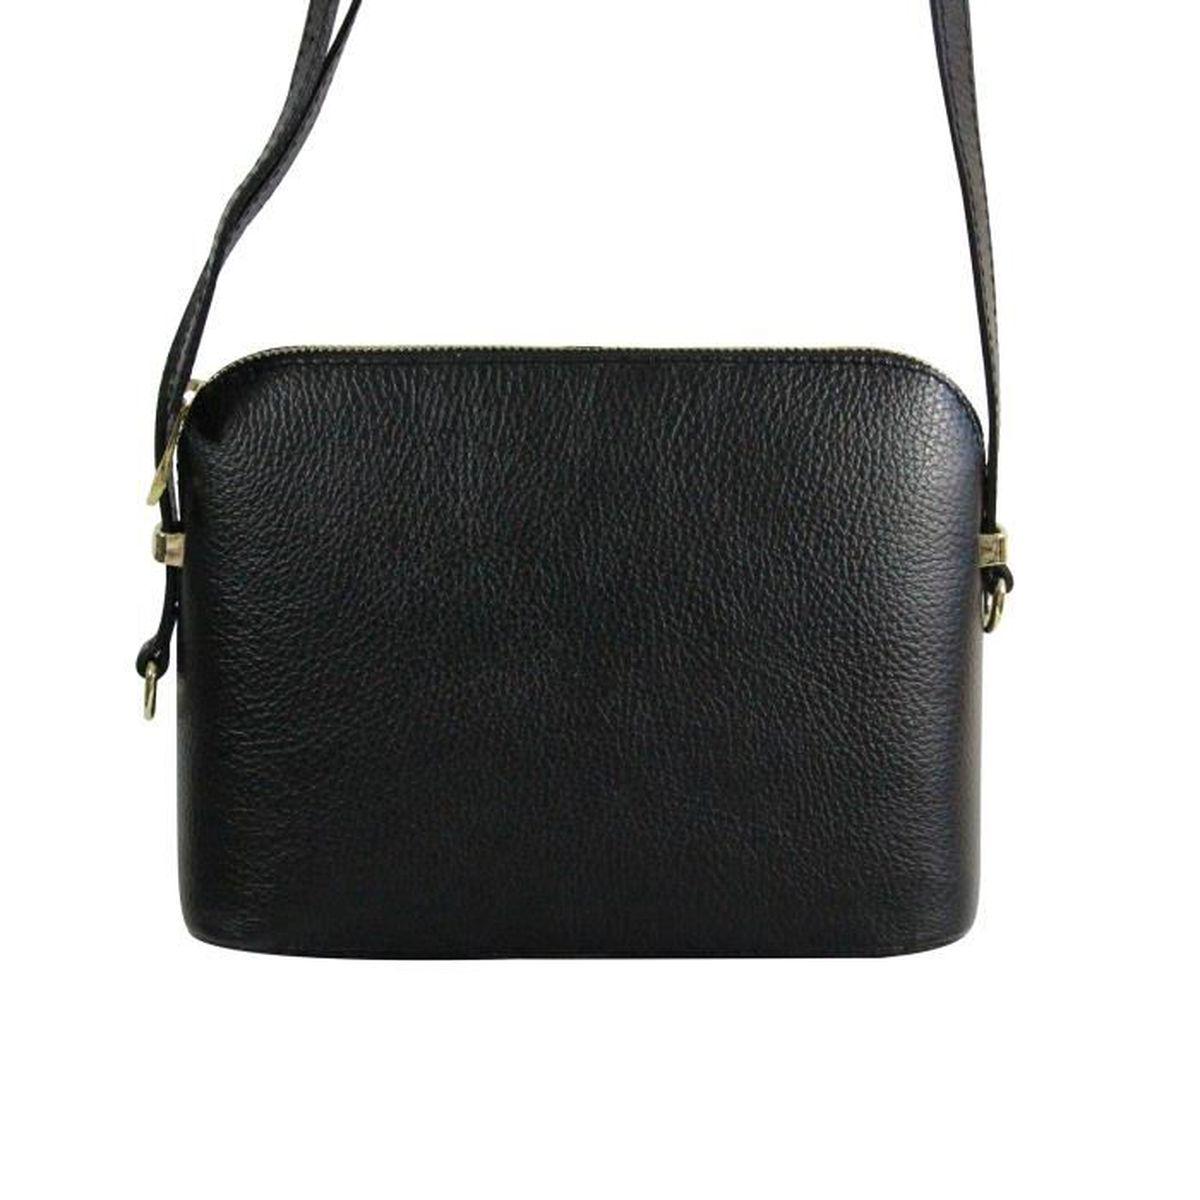 Petite besace sacoche noir en cuir v ritable avec nombreuses poches et bandouli re noir achat - Verlicht en cuir noir ...